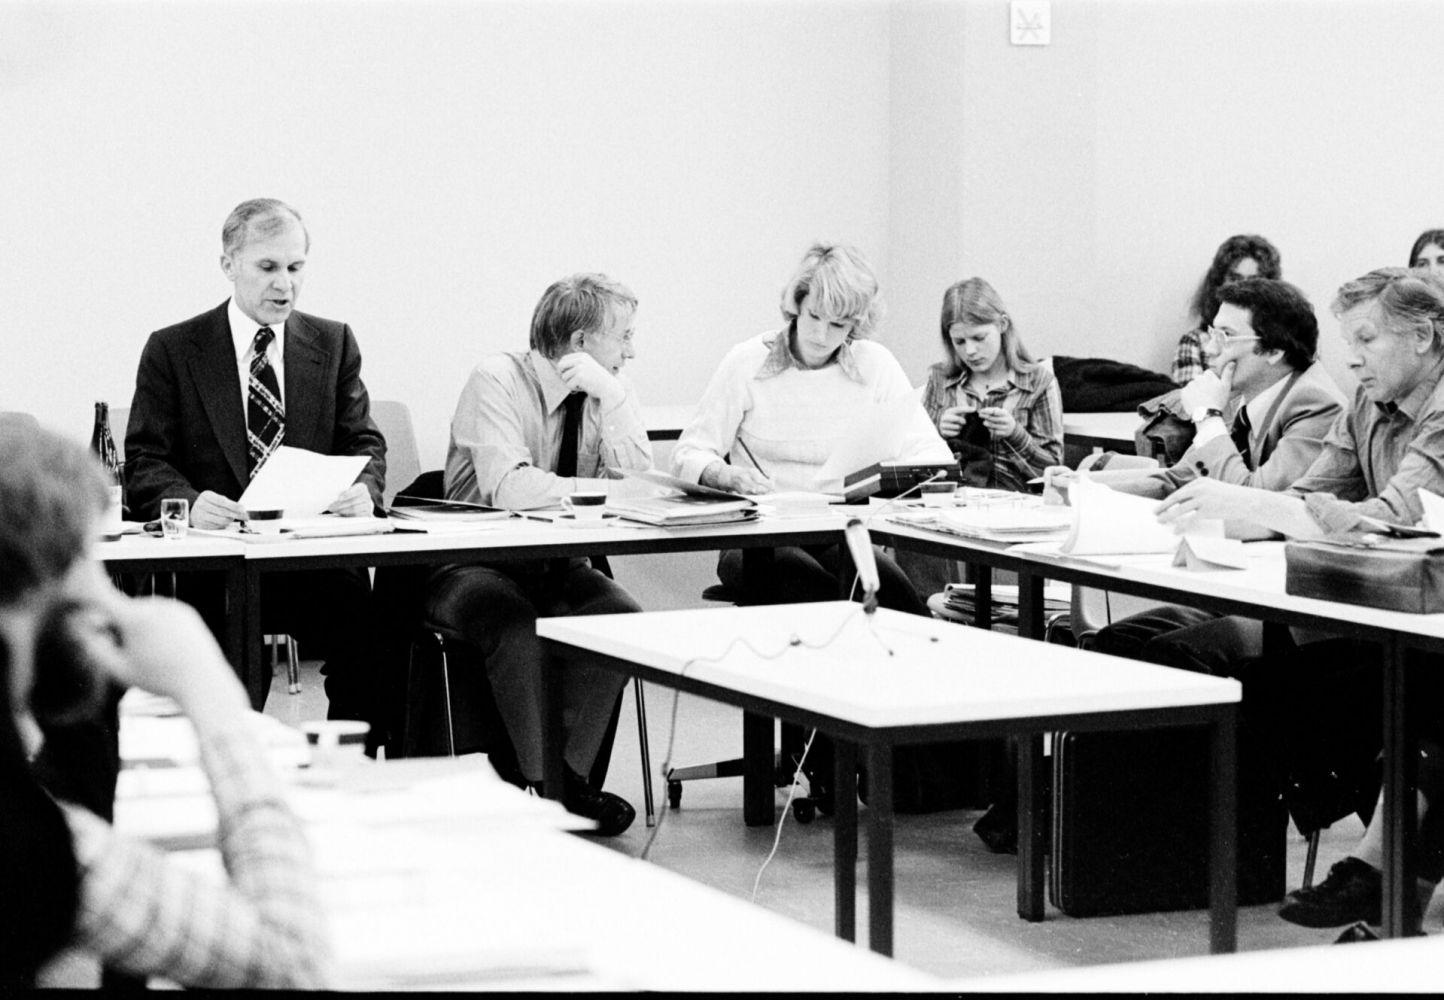 Senatssitzung in den Siebziger Jahren